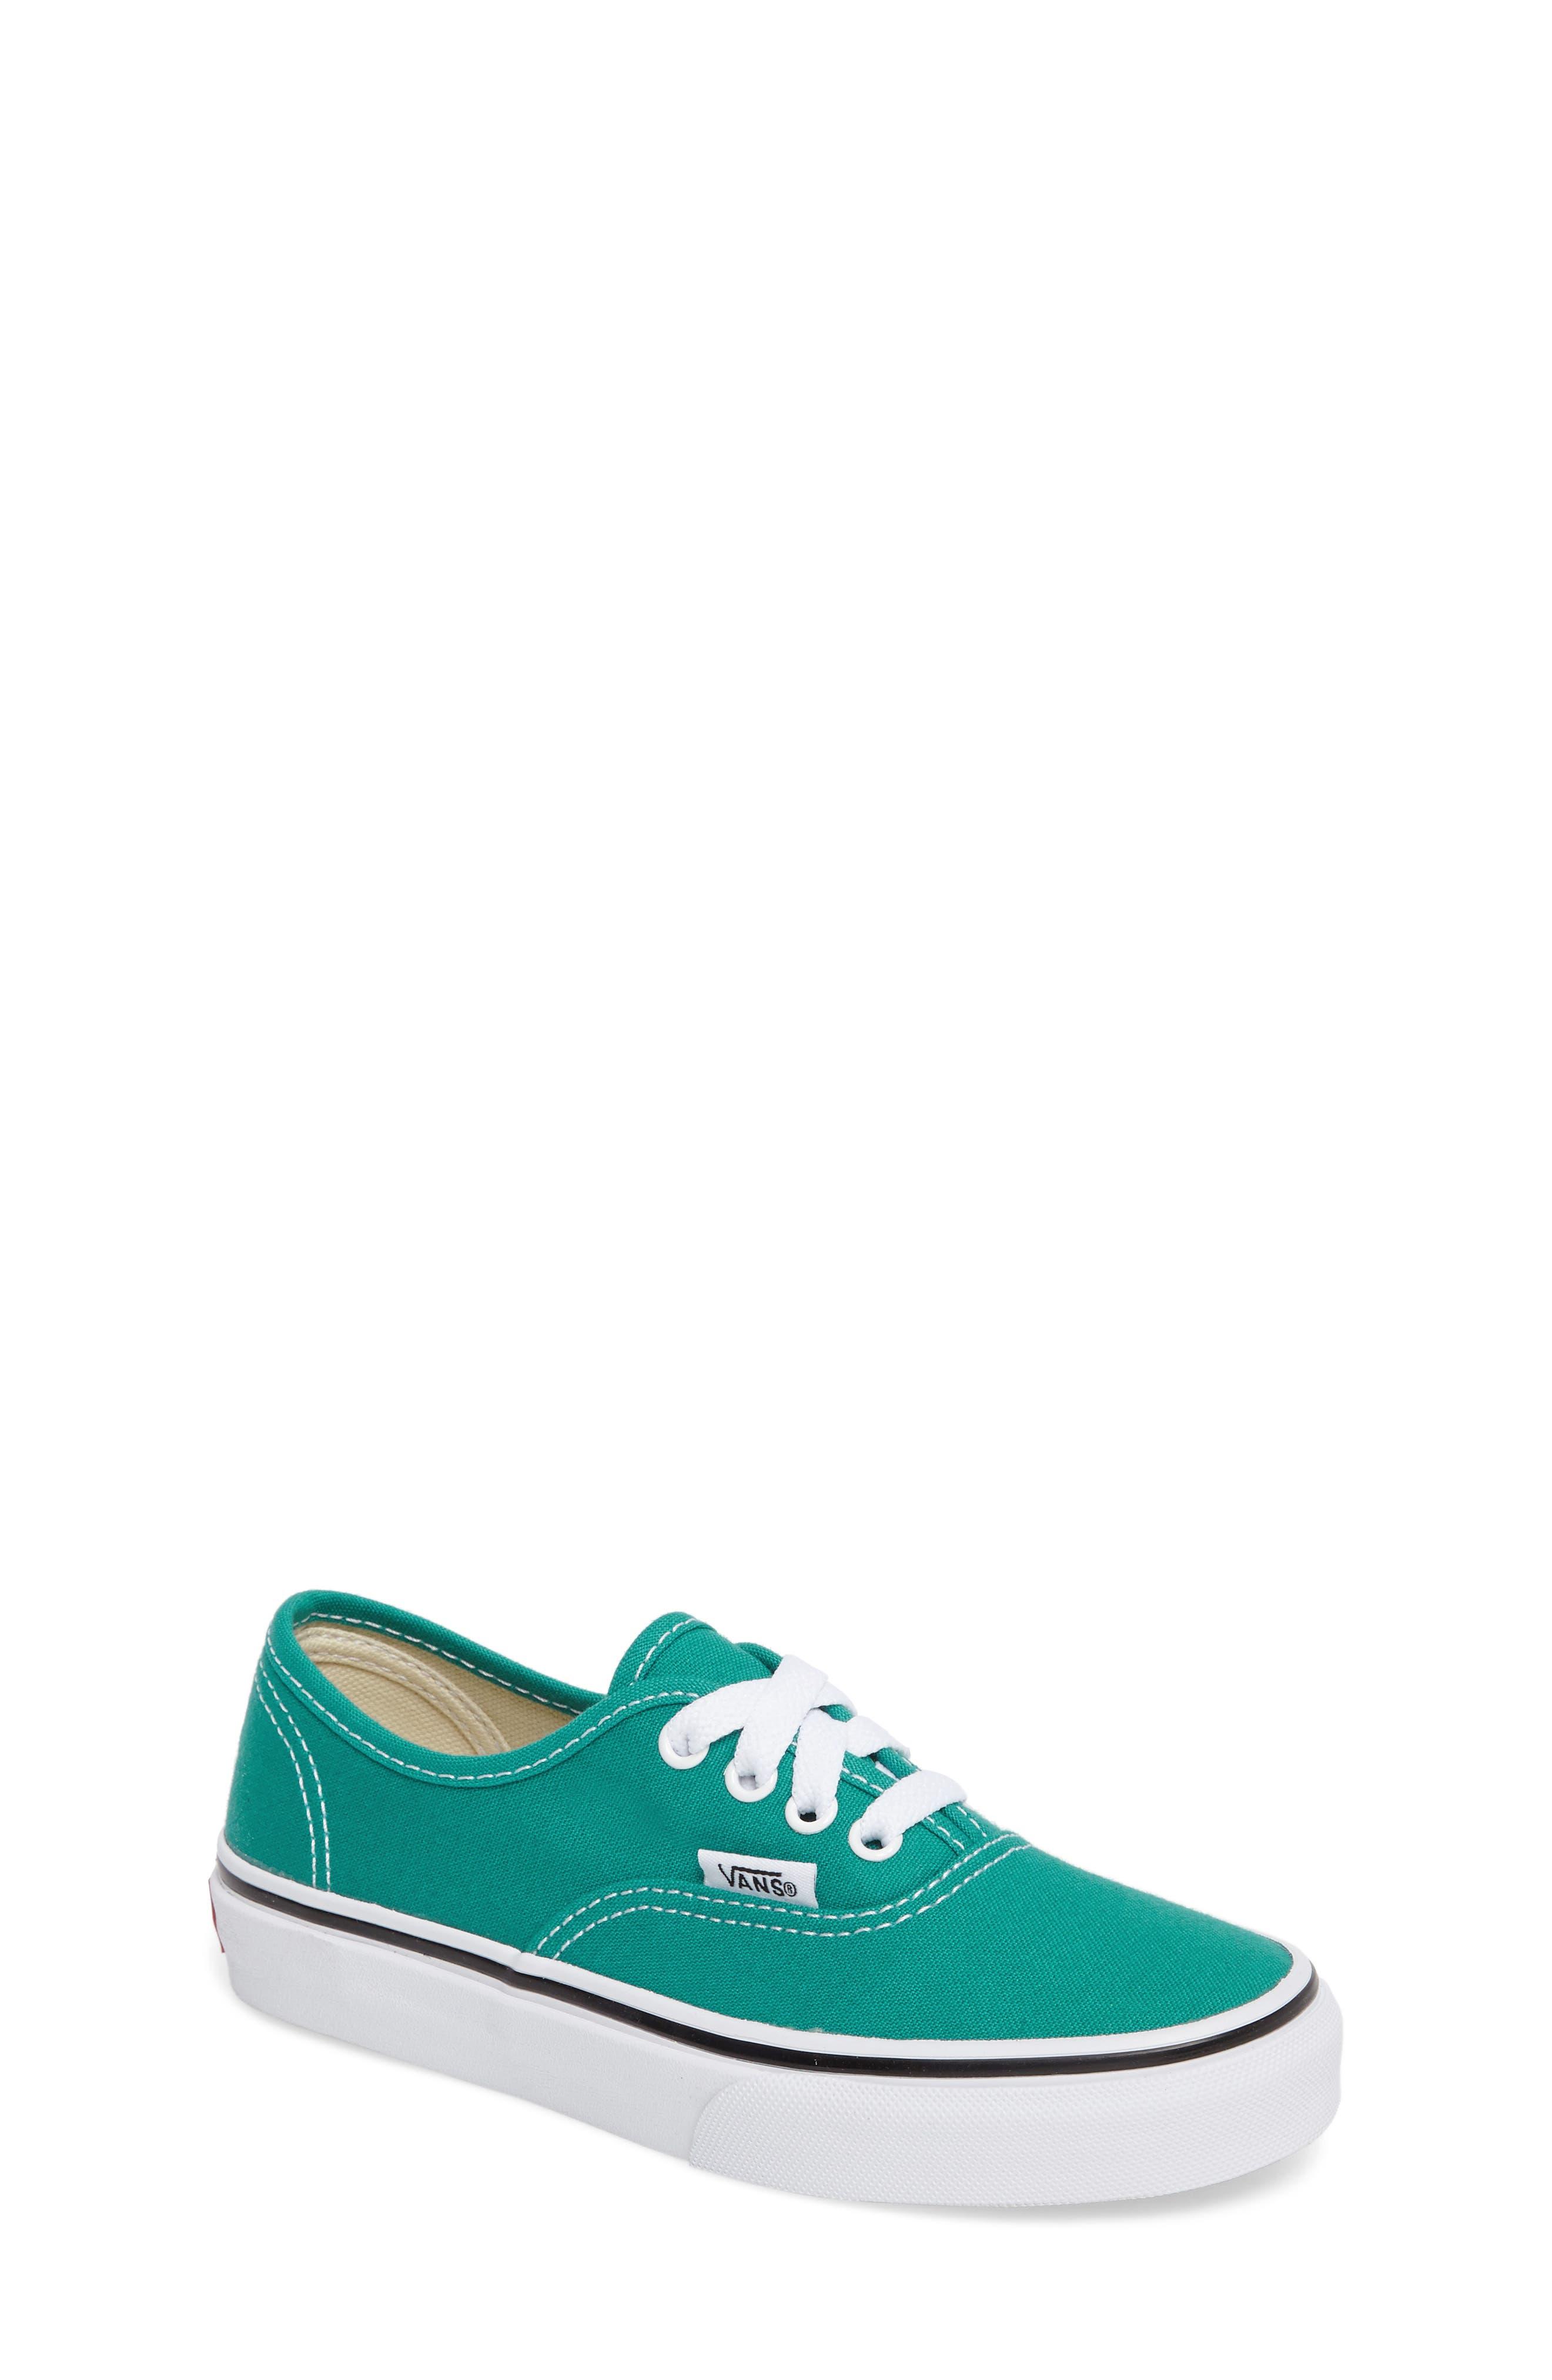 VANS,                             Authentic Sneaker,                             Main thumbnail 1, color,                             400